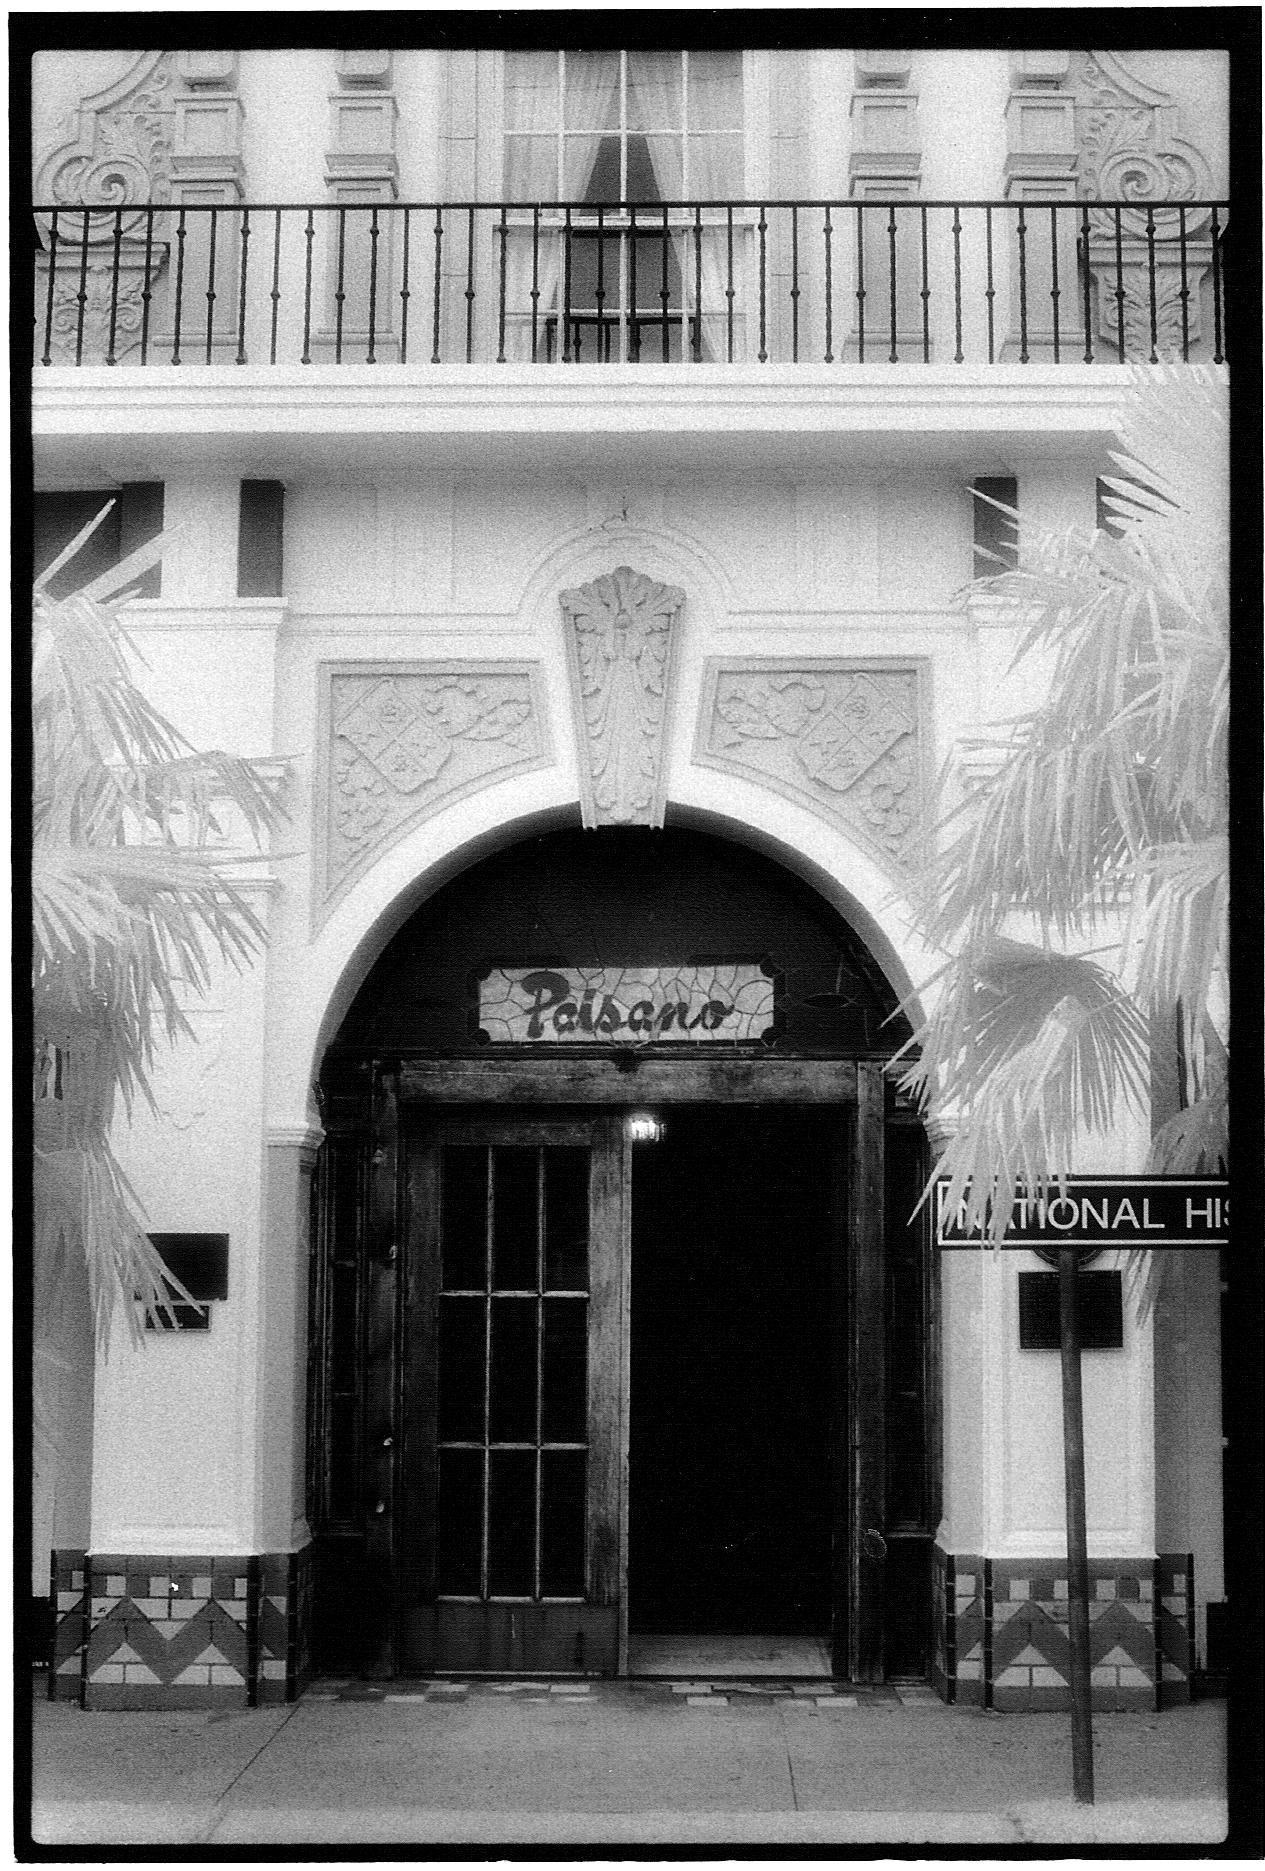 Paisano Hotel